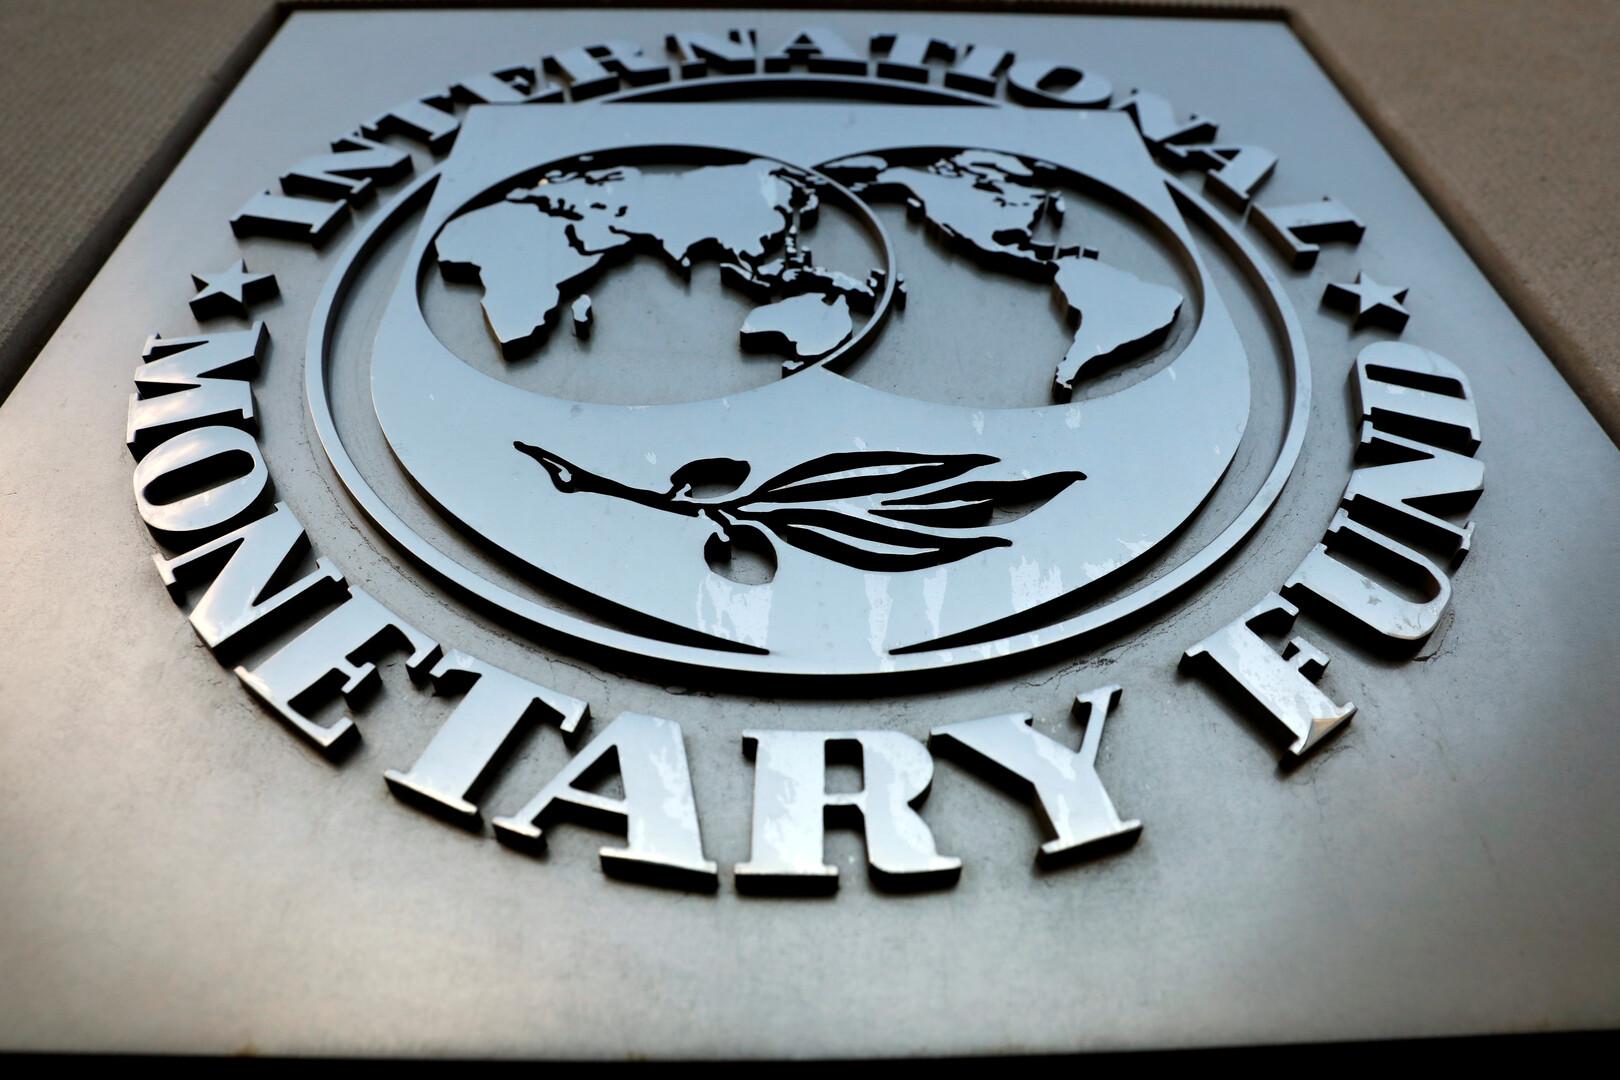 صندوق النقد الدولي يخفض توقعات النمو في السعودية وإيران بشكل حاد